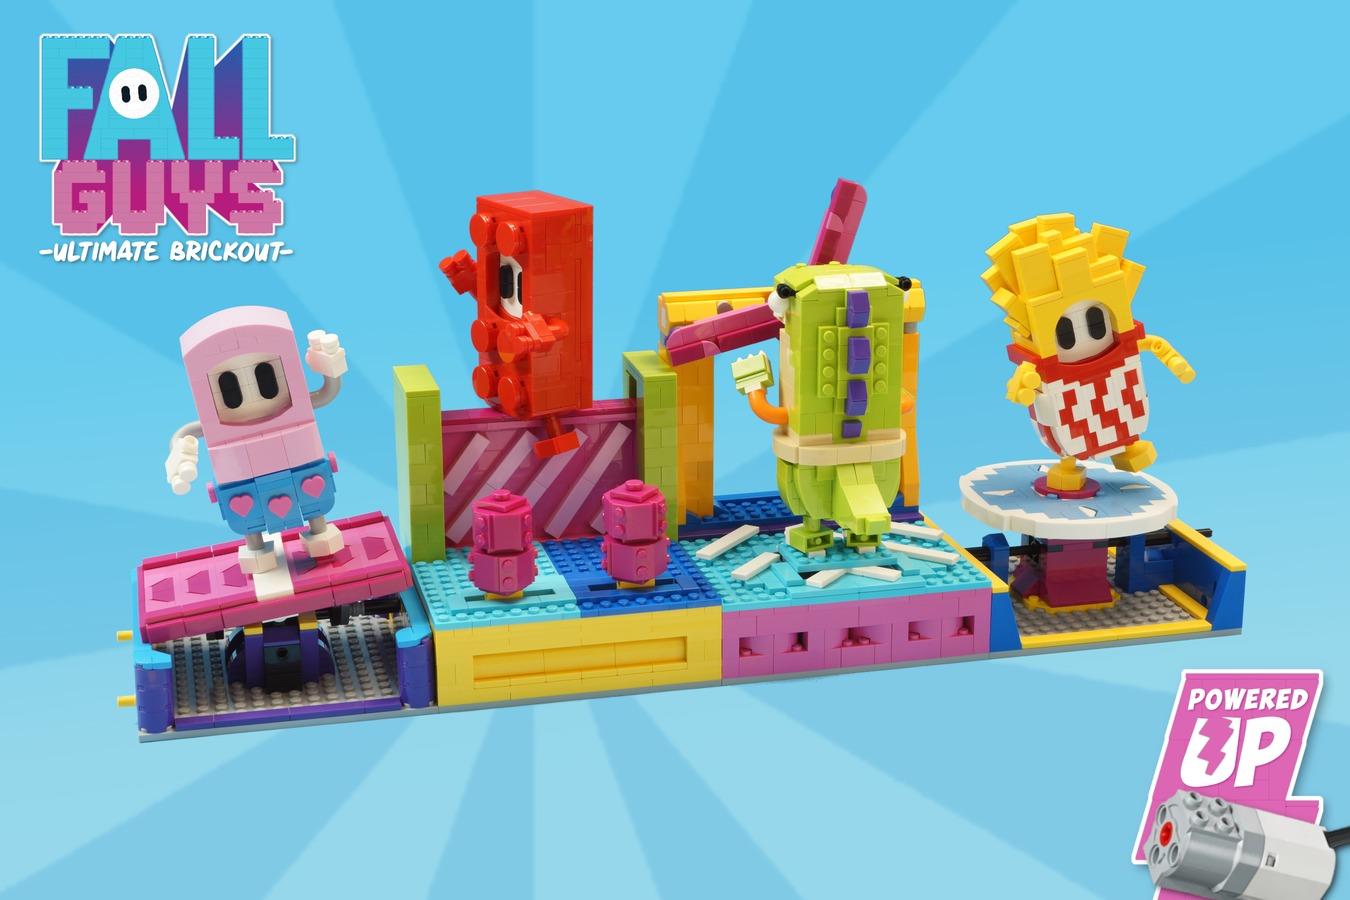 Fall Guysのレゴが発売される!? LEGO IDEASで秀逸なアイデアが登場